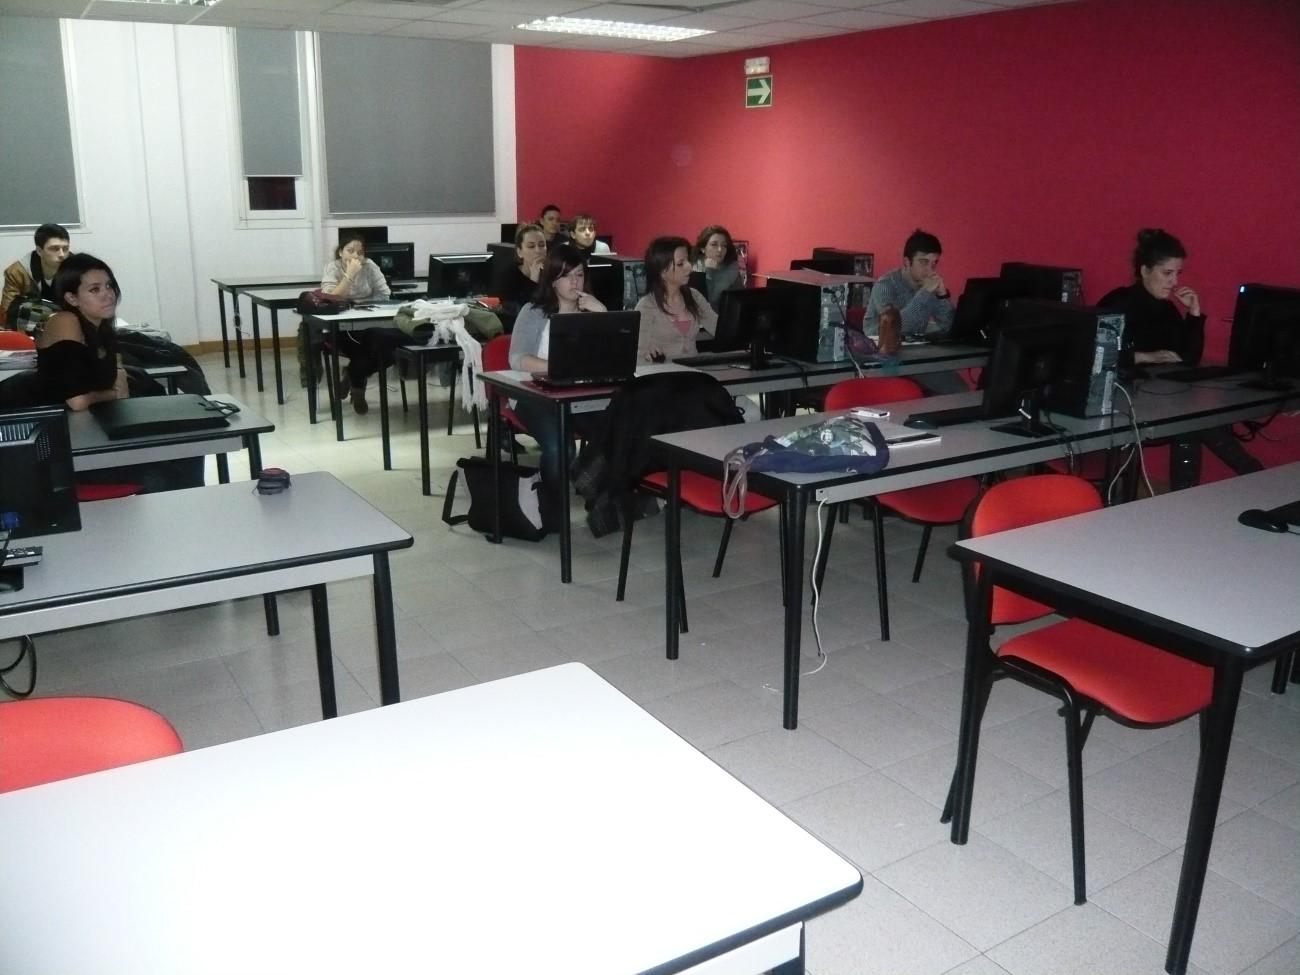 interiores_presentacion_proyectos